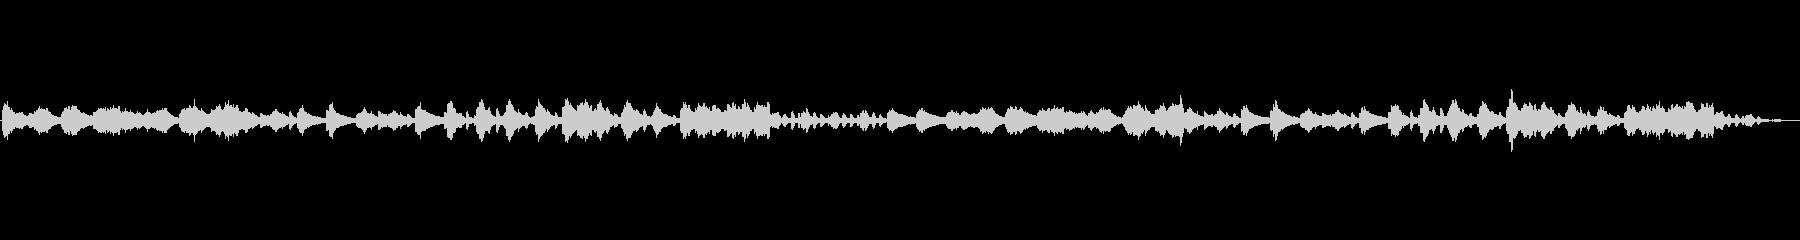 ピアノでのゆったりとした空間を表現した曲の未再生の波形